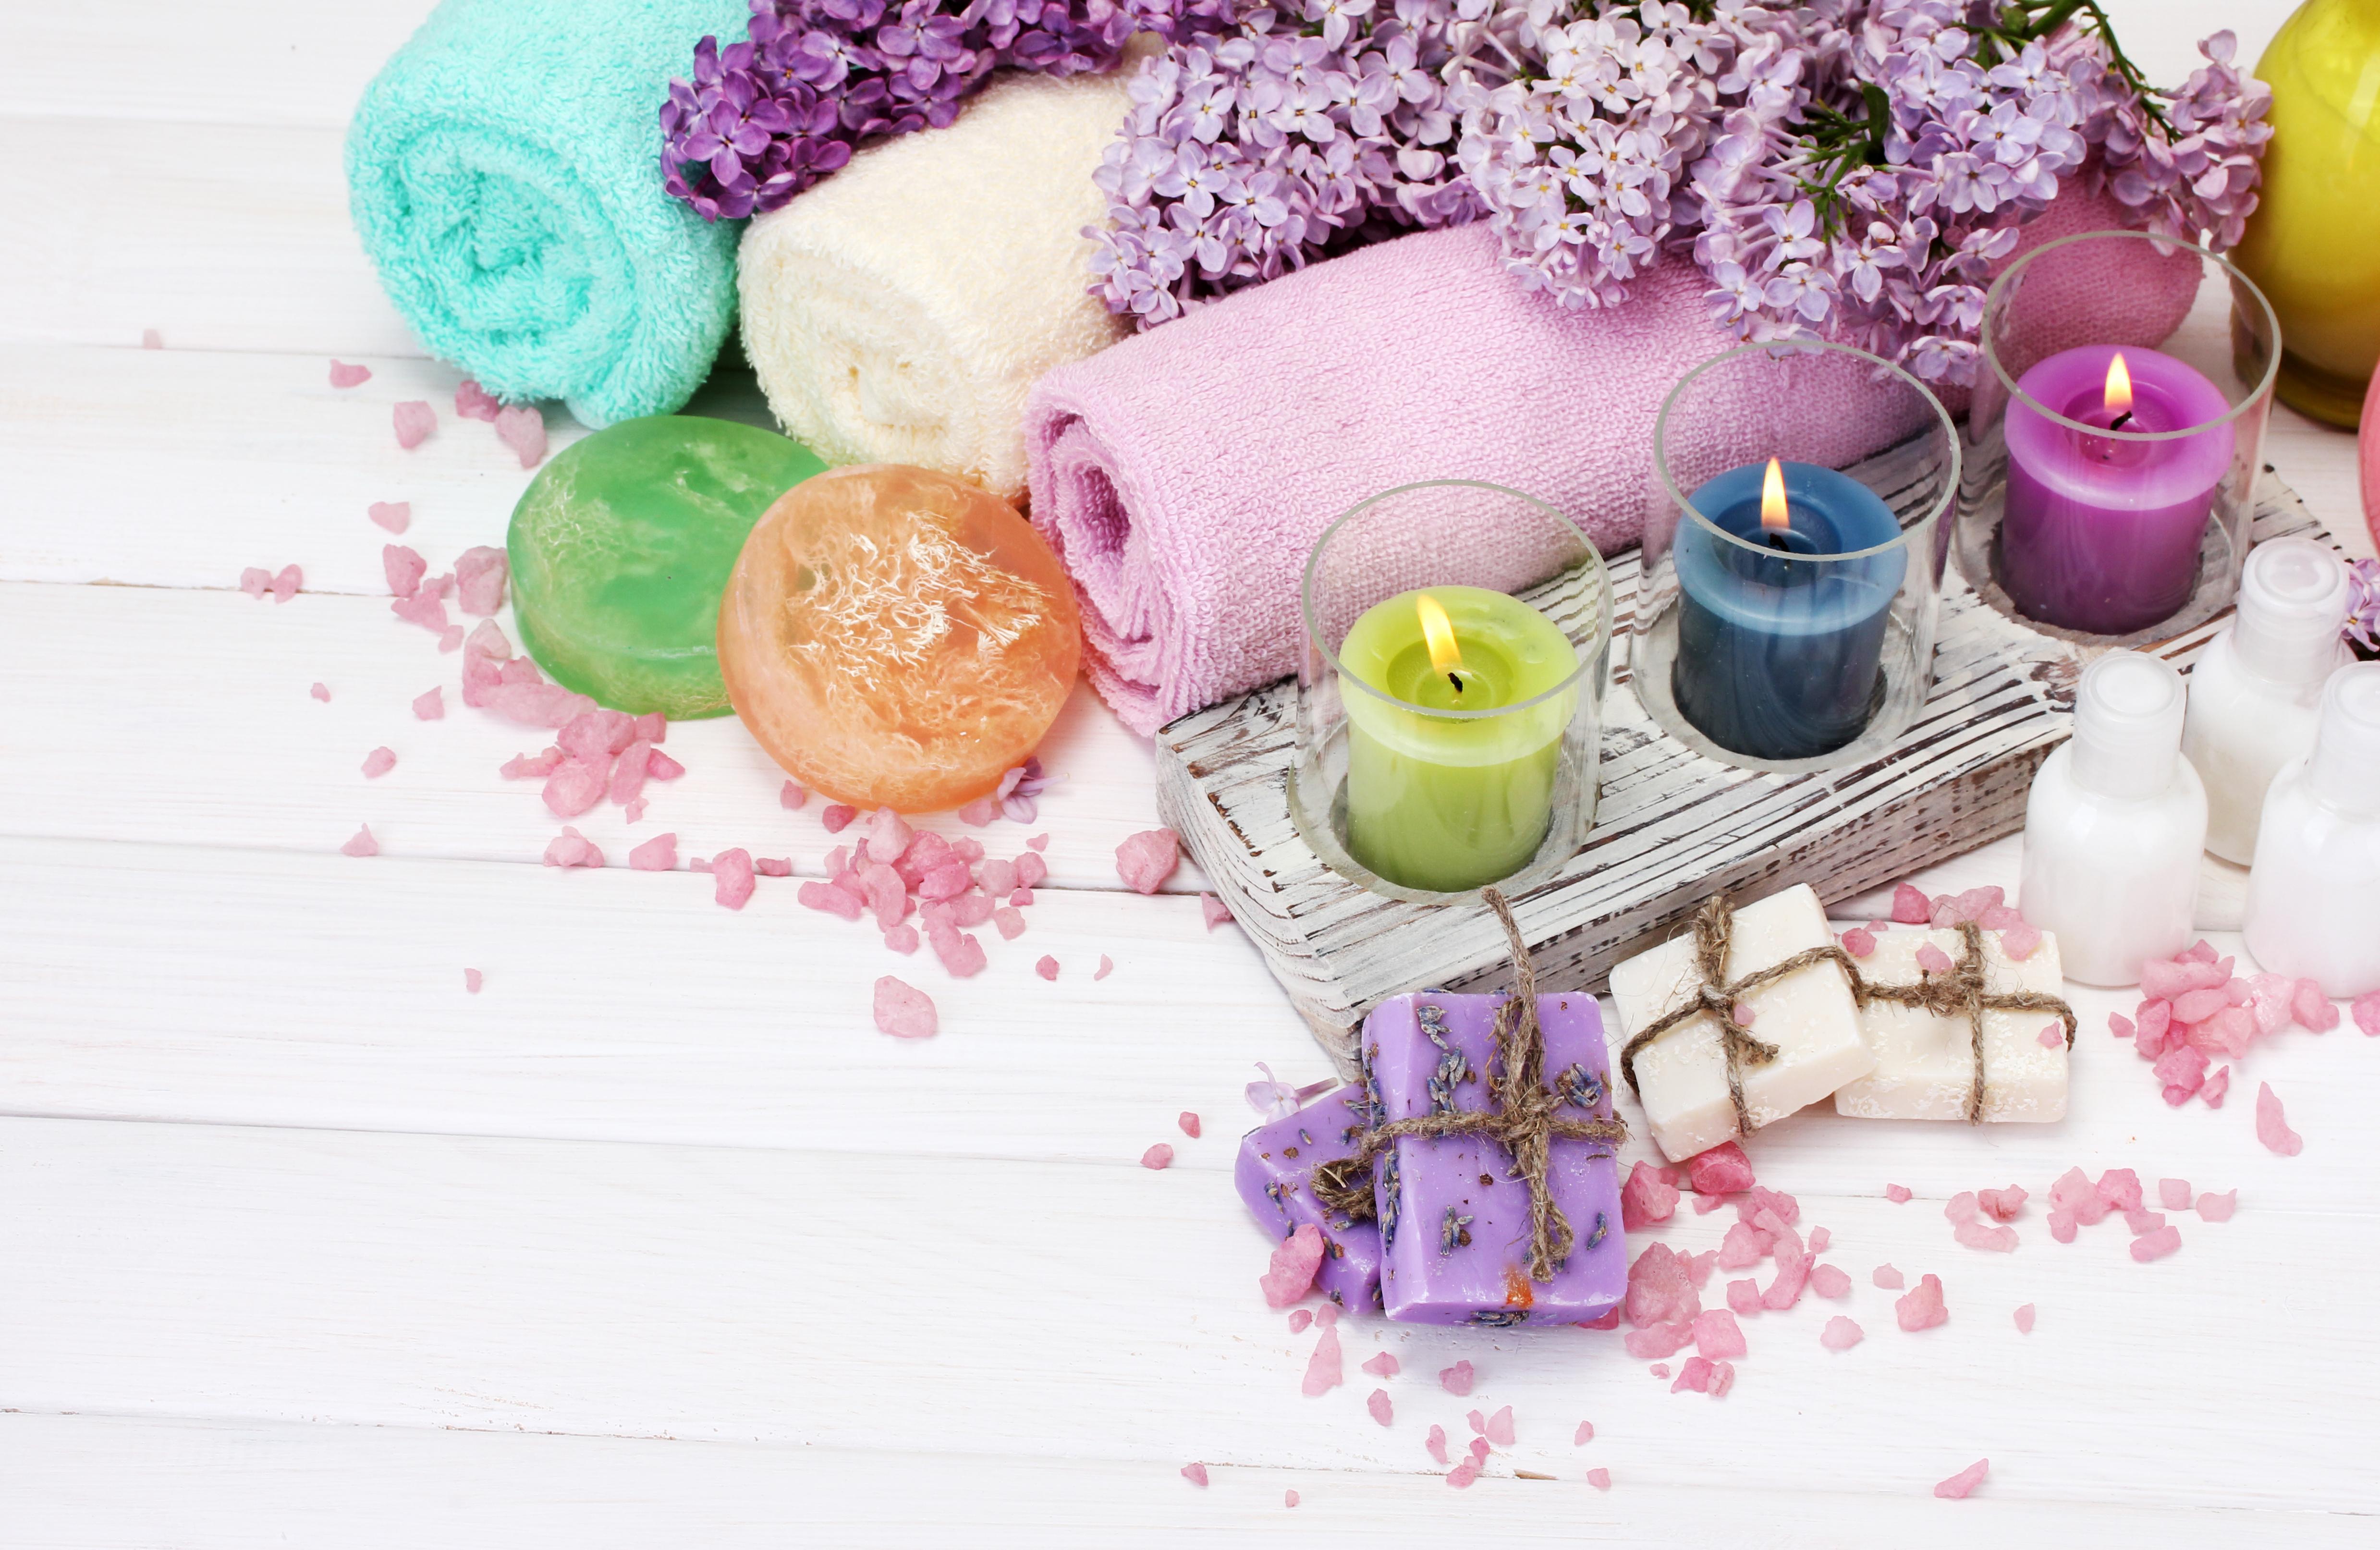 цветы свечи  № 1504390 бесплатно